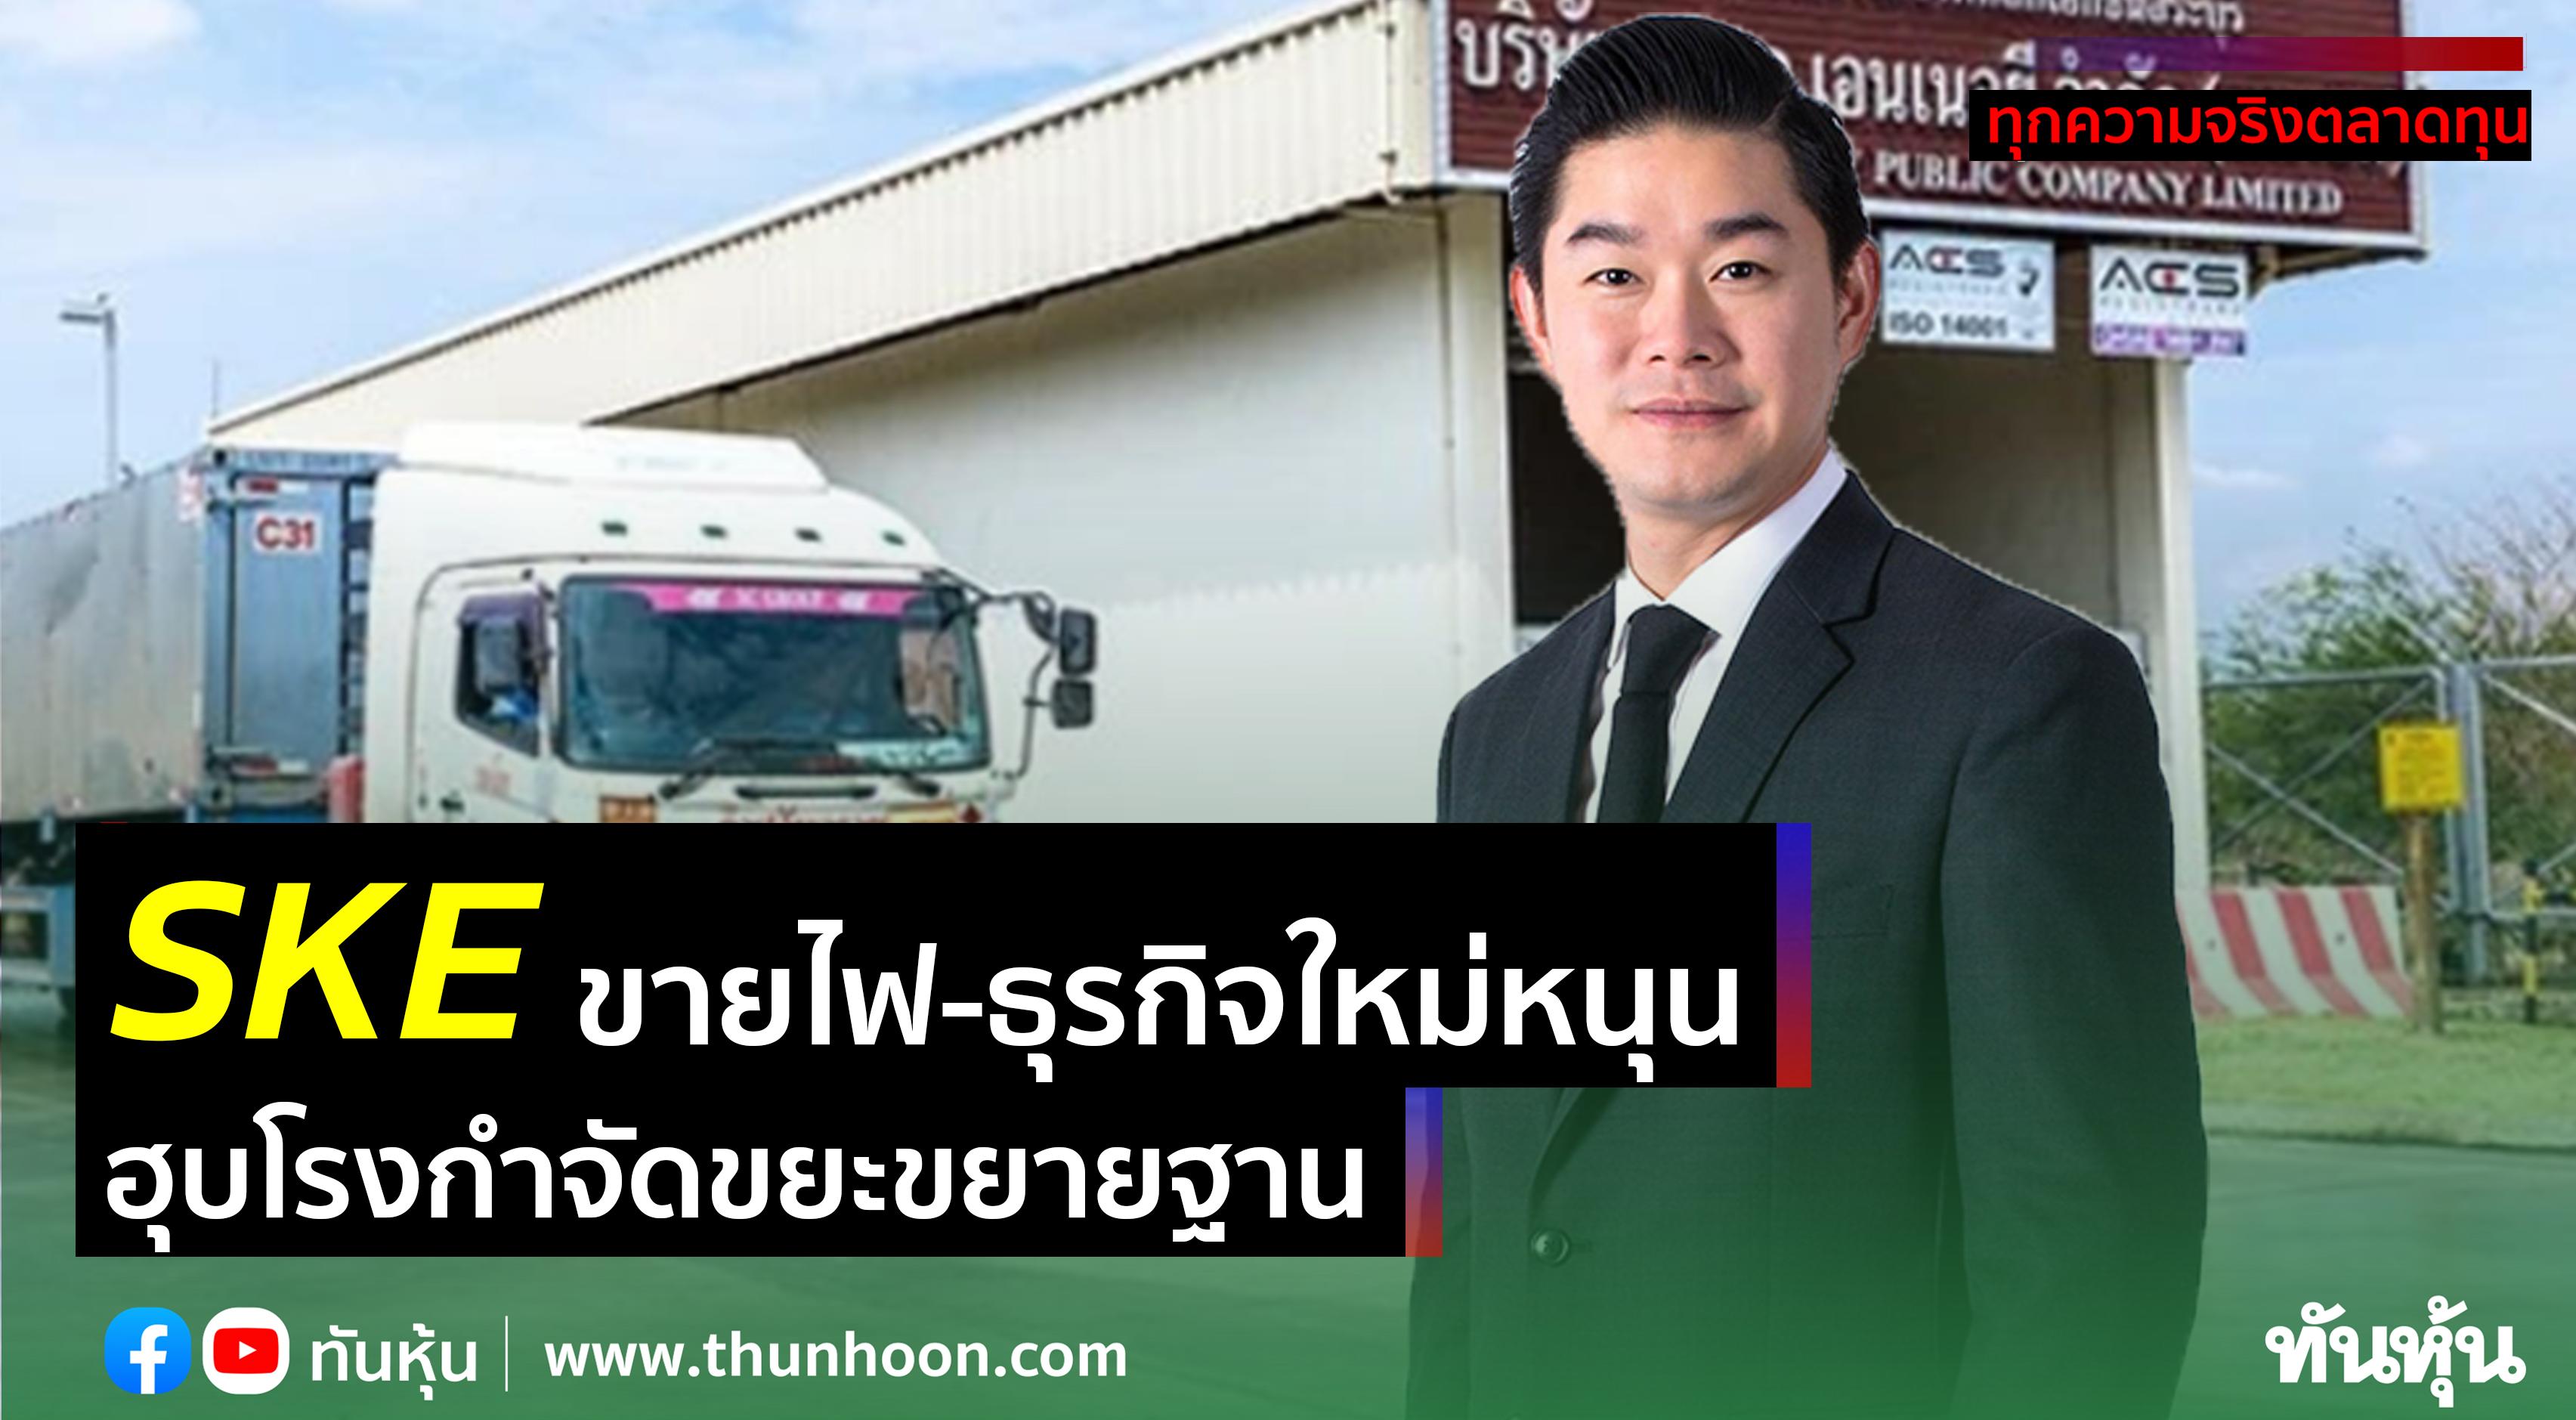 SKEขายไฟ-ธุรกิจใหม่หนุน ฮุบโรงกำจัดขยะขยายฐาน